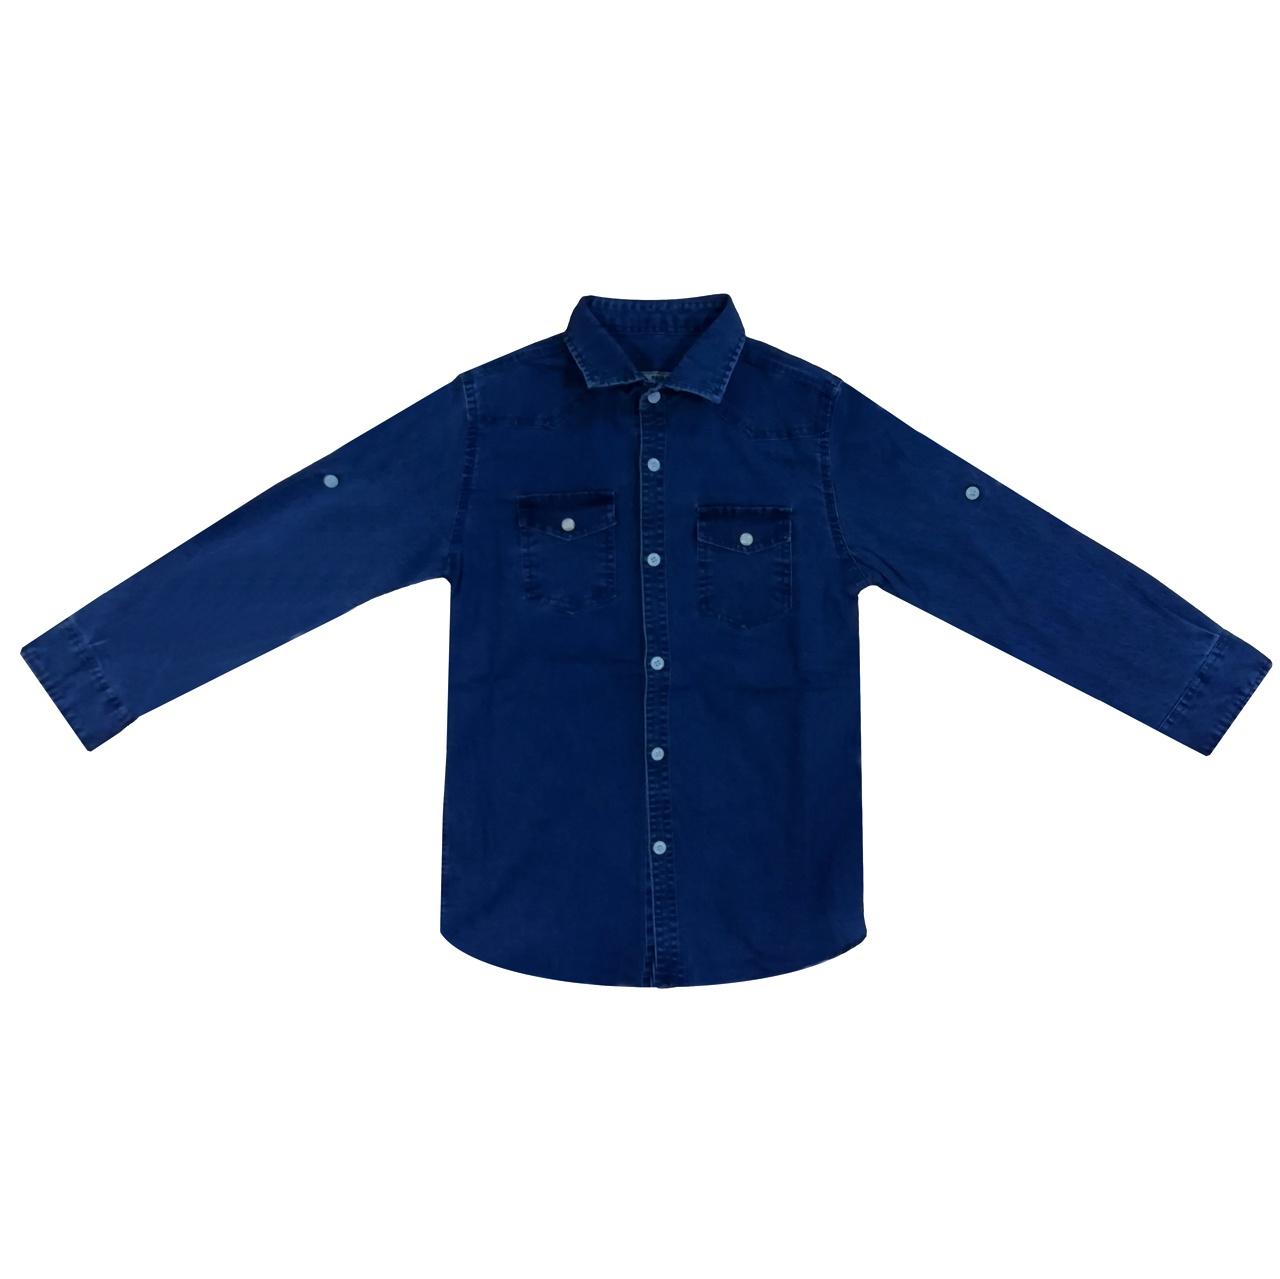 پیراهن پسرانه کد 980812 رنگ آبی تیره